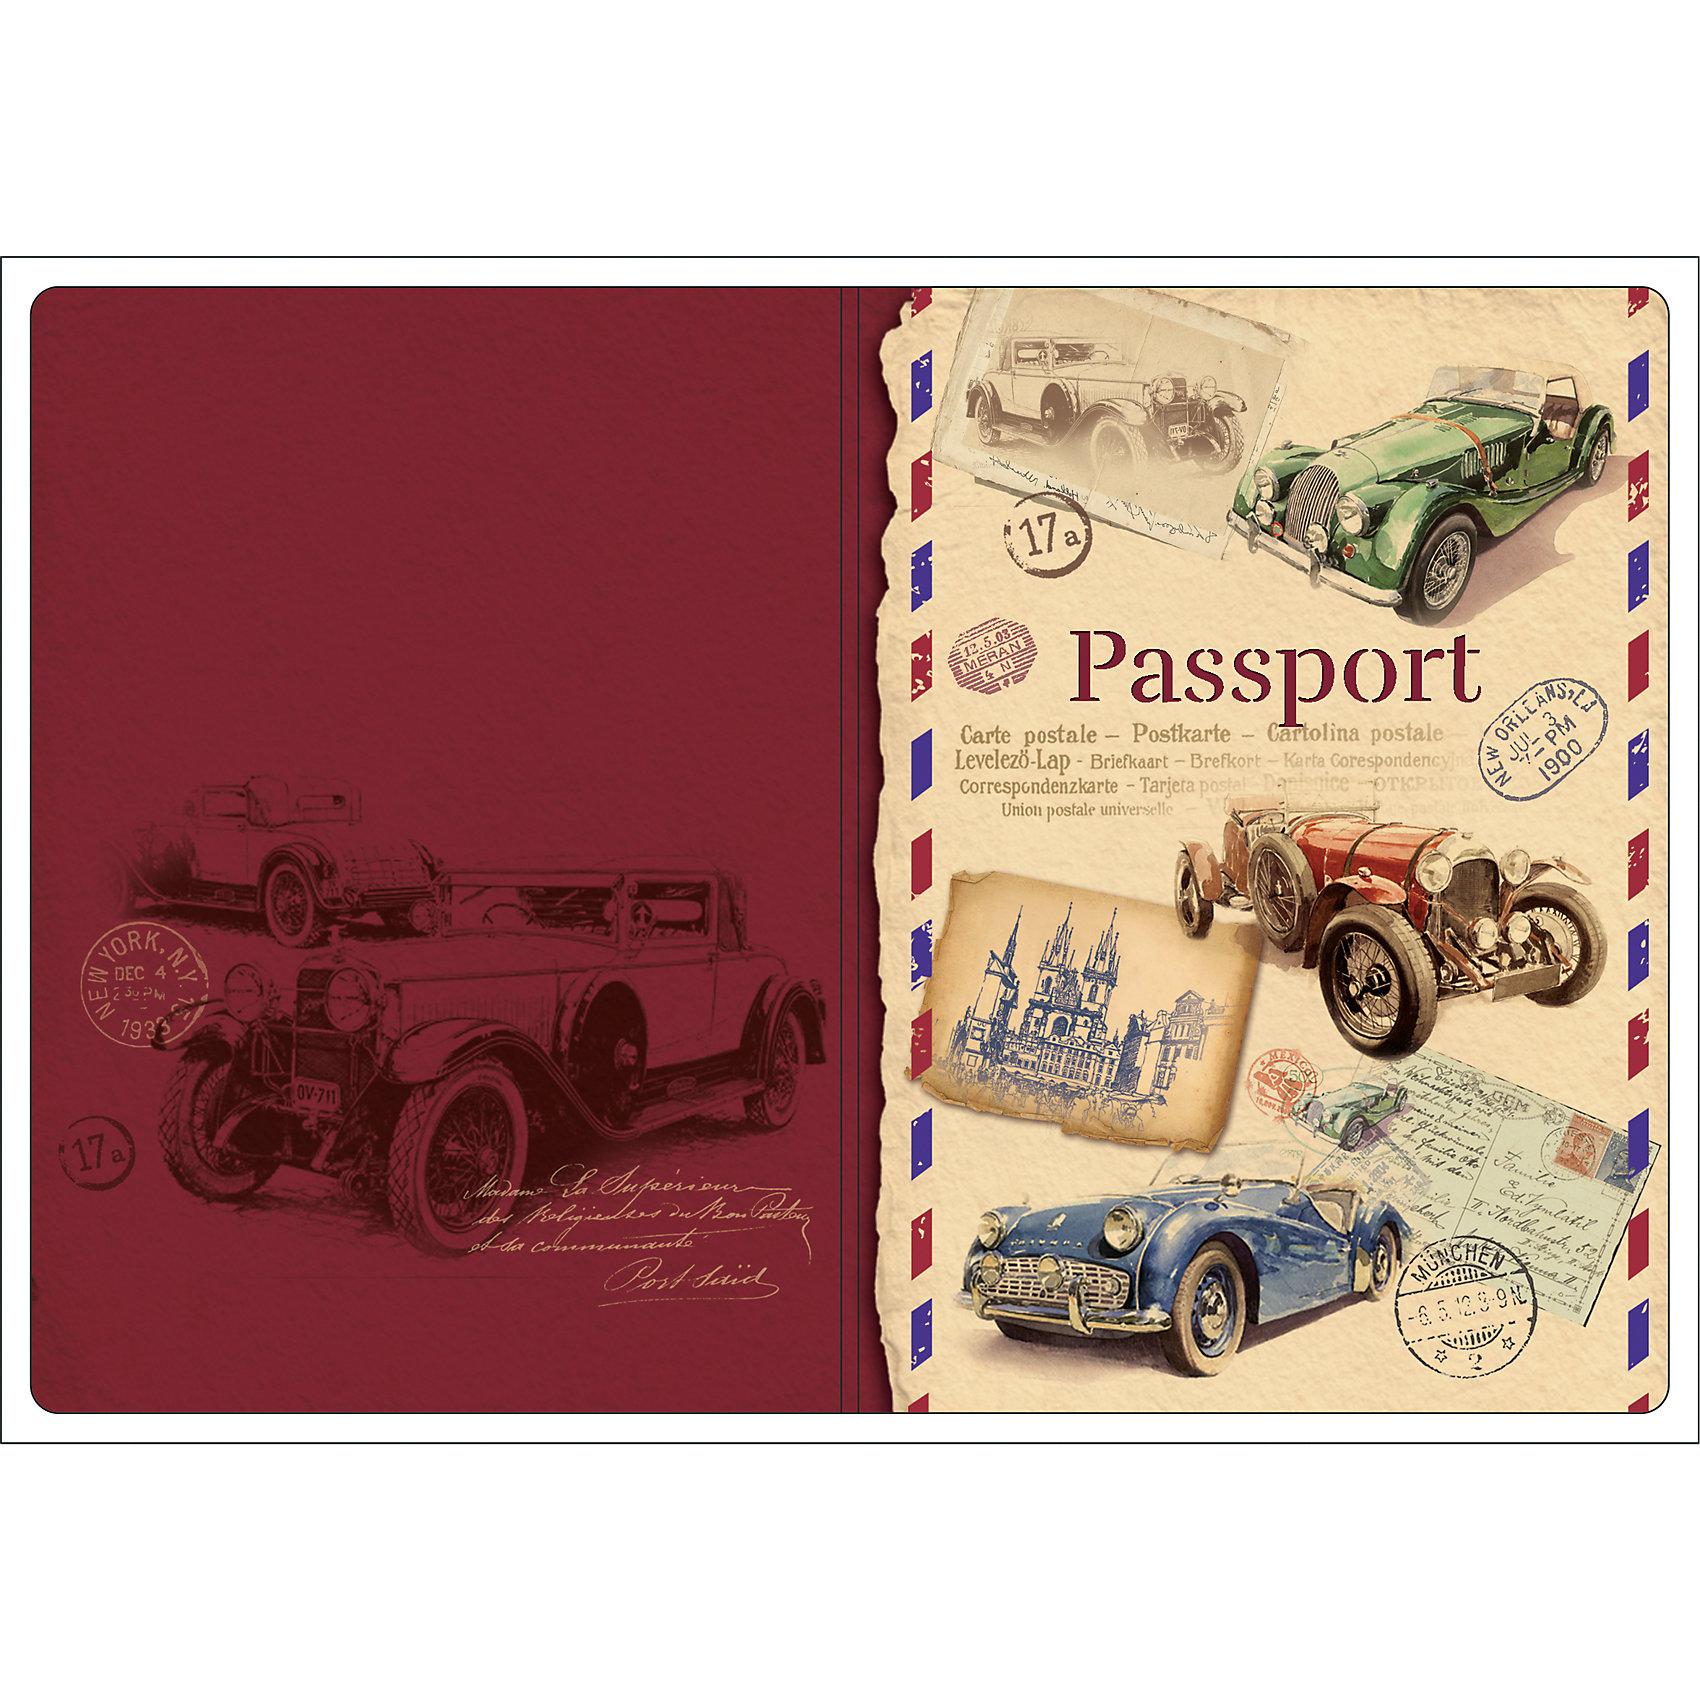 Обложка для паспорта Ретро-автомобили, Феникс-ПрезентВ дорогу<br>Обложка для паспорта Ретро автомобили, Феникс-Презент <br><br>Характеристики:<br><br>• оригинальный дизайн<br>• высокая прочность<br>• размер: 13,3х19,1 см<br>• материал: ПВХ<br><br>Обложка для паспорта - необходимый аксессуар для каждого человека. Обложка Ретро автомобили изготовлена из качественного ПВХ с высокой прочностью. Обе стороны обложки декорированы изображением различных ретро автомобилей. Оригинальная обложка подчеркнет индивидуальность и поднимет настроение.<br><br>Обложку для паспорта Ретро автомобили, Феникс-Презент вы можете купить в нашем интернет-магазине.<br><br>Ширина мм: 133<br>Глубина мм: 191<br>Высота мм: 50<br>Вес г: 35<br>Возраст от месяцев: 168<br>Возраст до месяцев: 2147483647<br>Пол: Унисекс<br>Возраст: Детский<br>SKU: 5449580